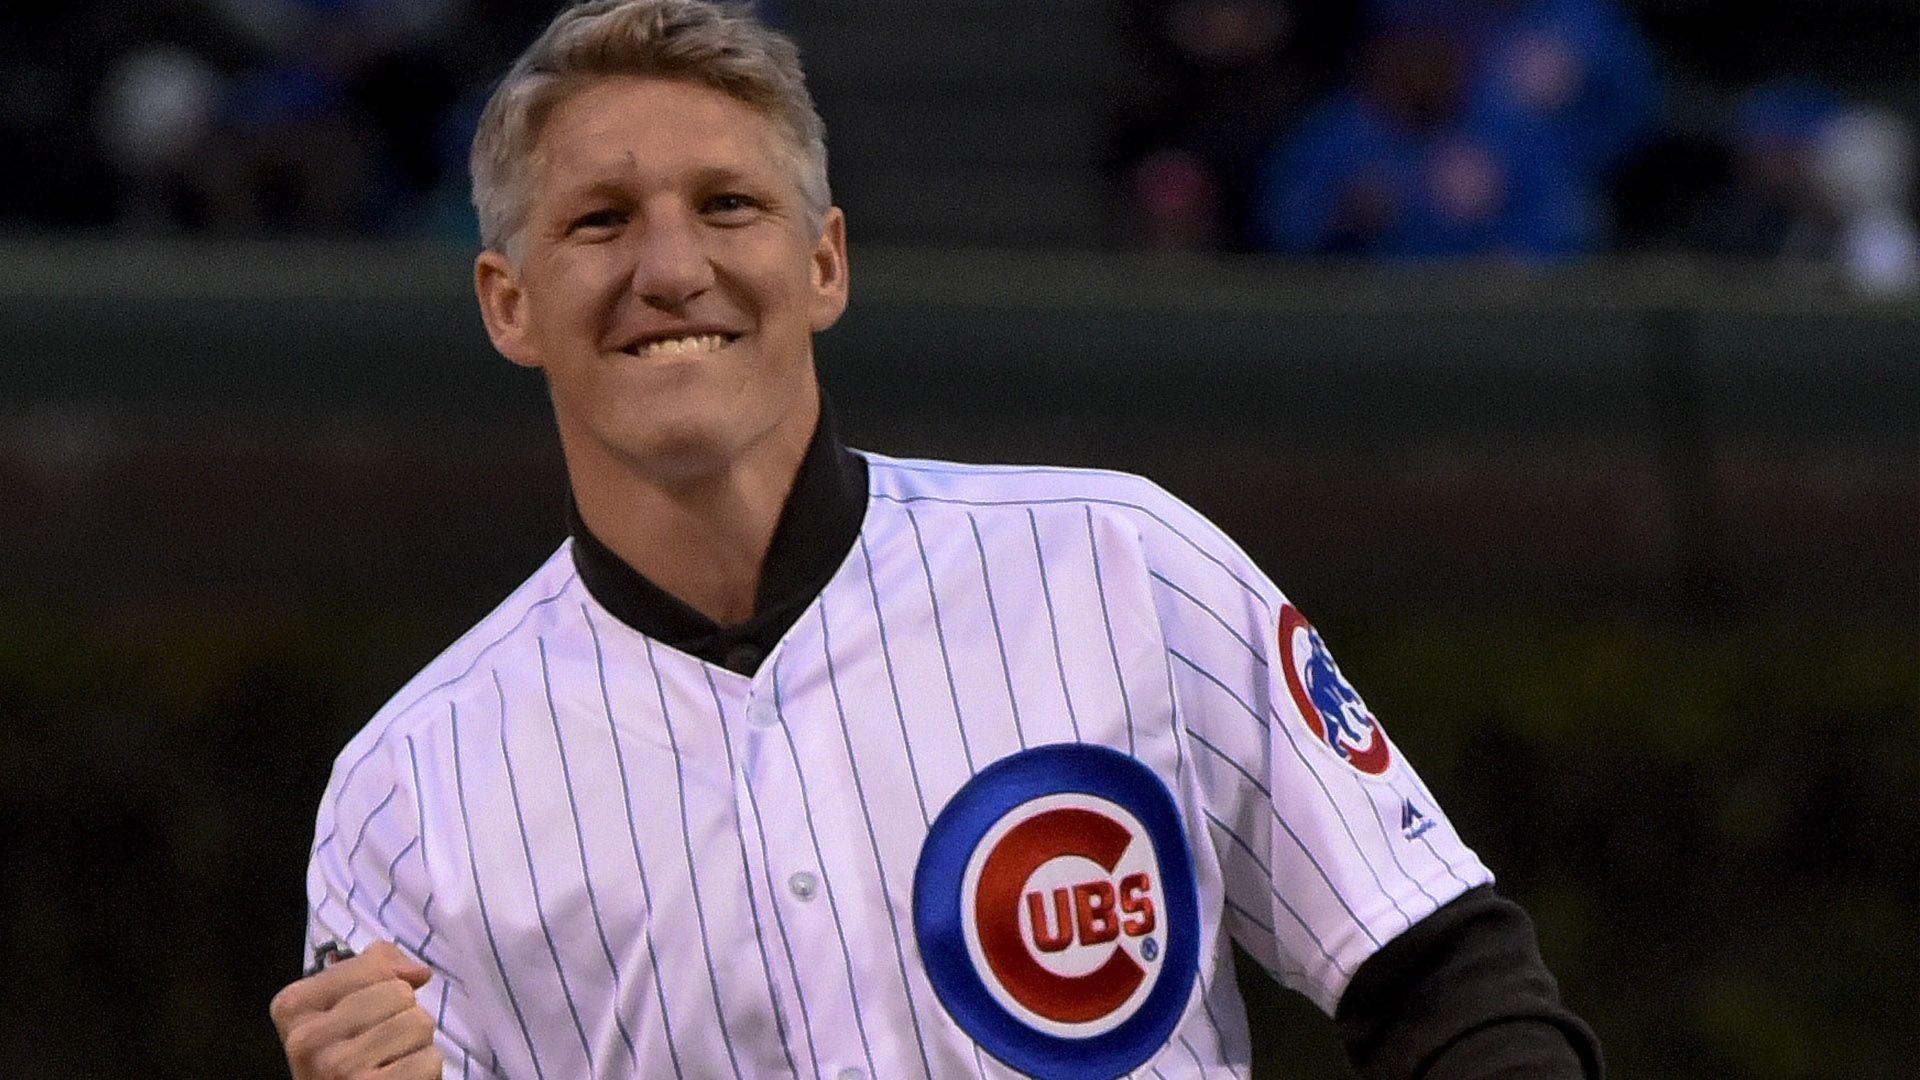 Schweinsteiger throws out Cubs first pitch - Via MLS